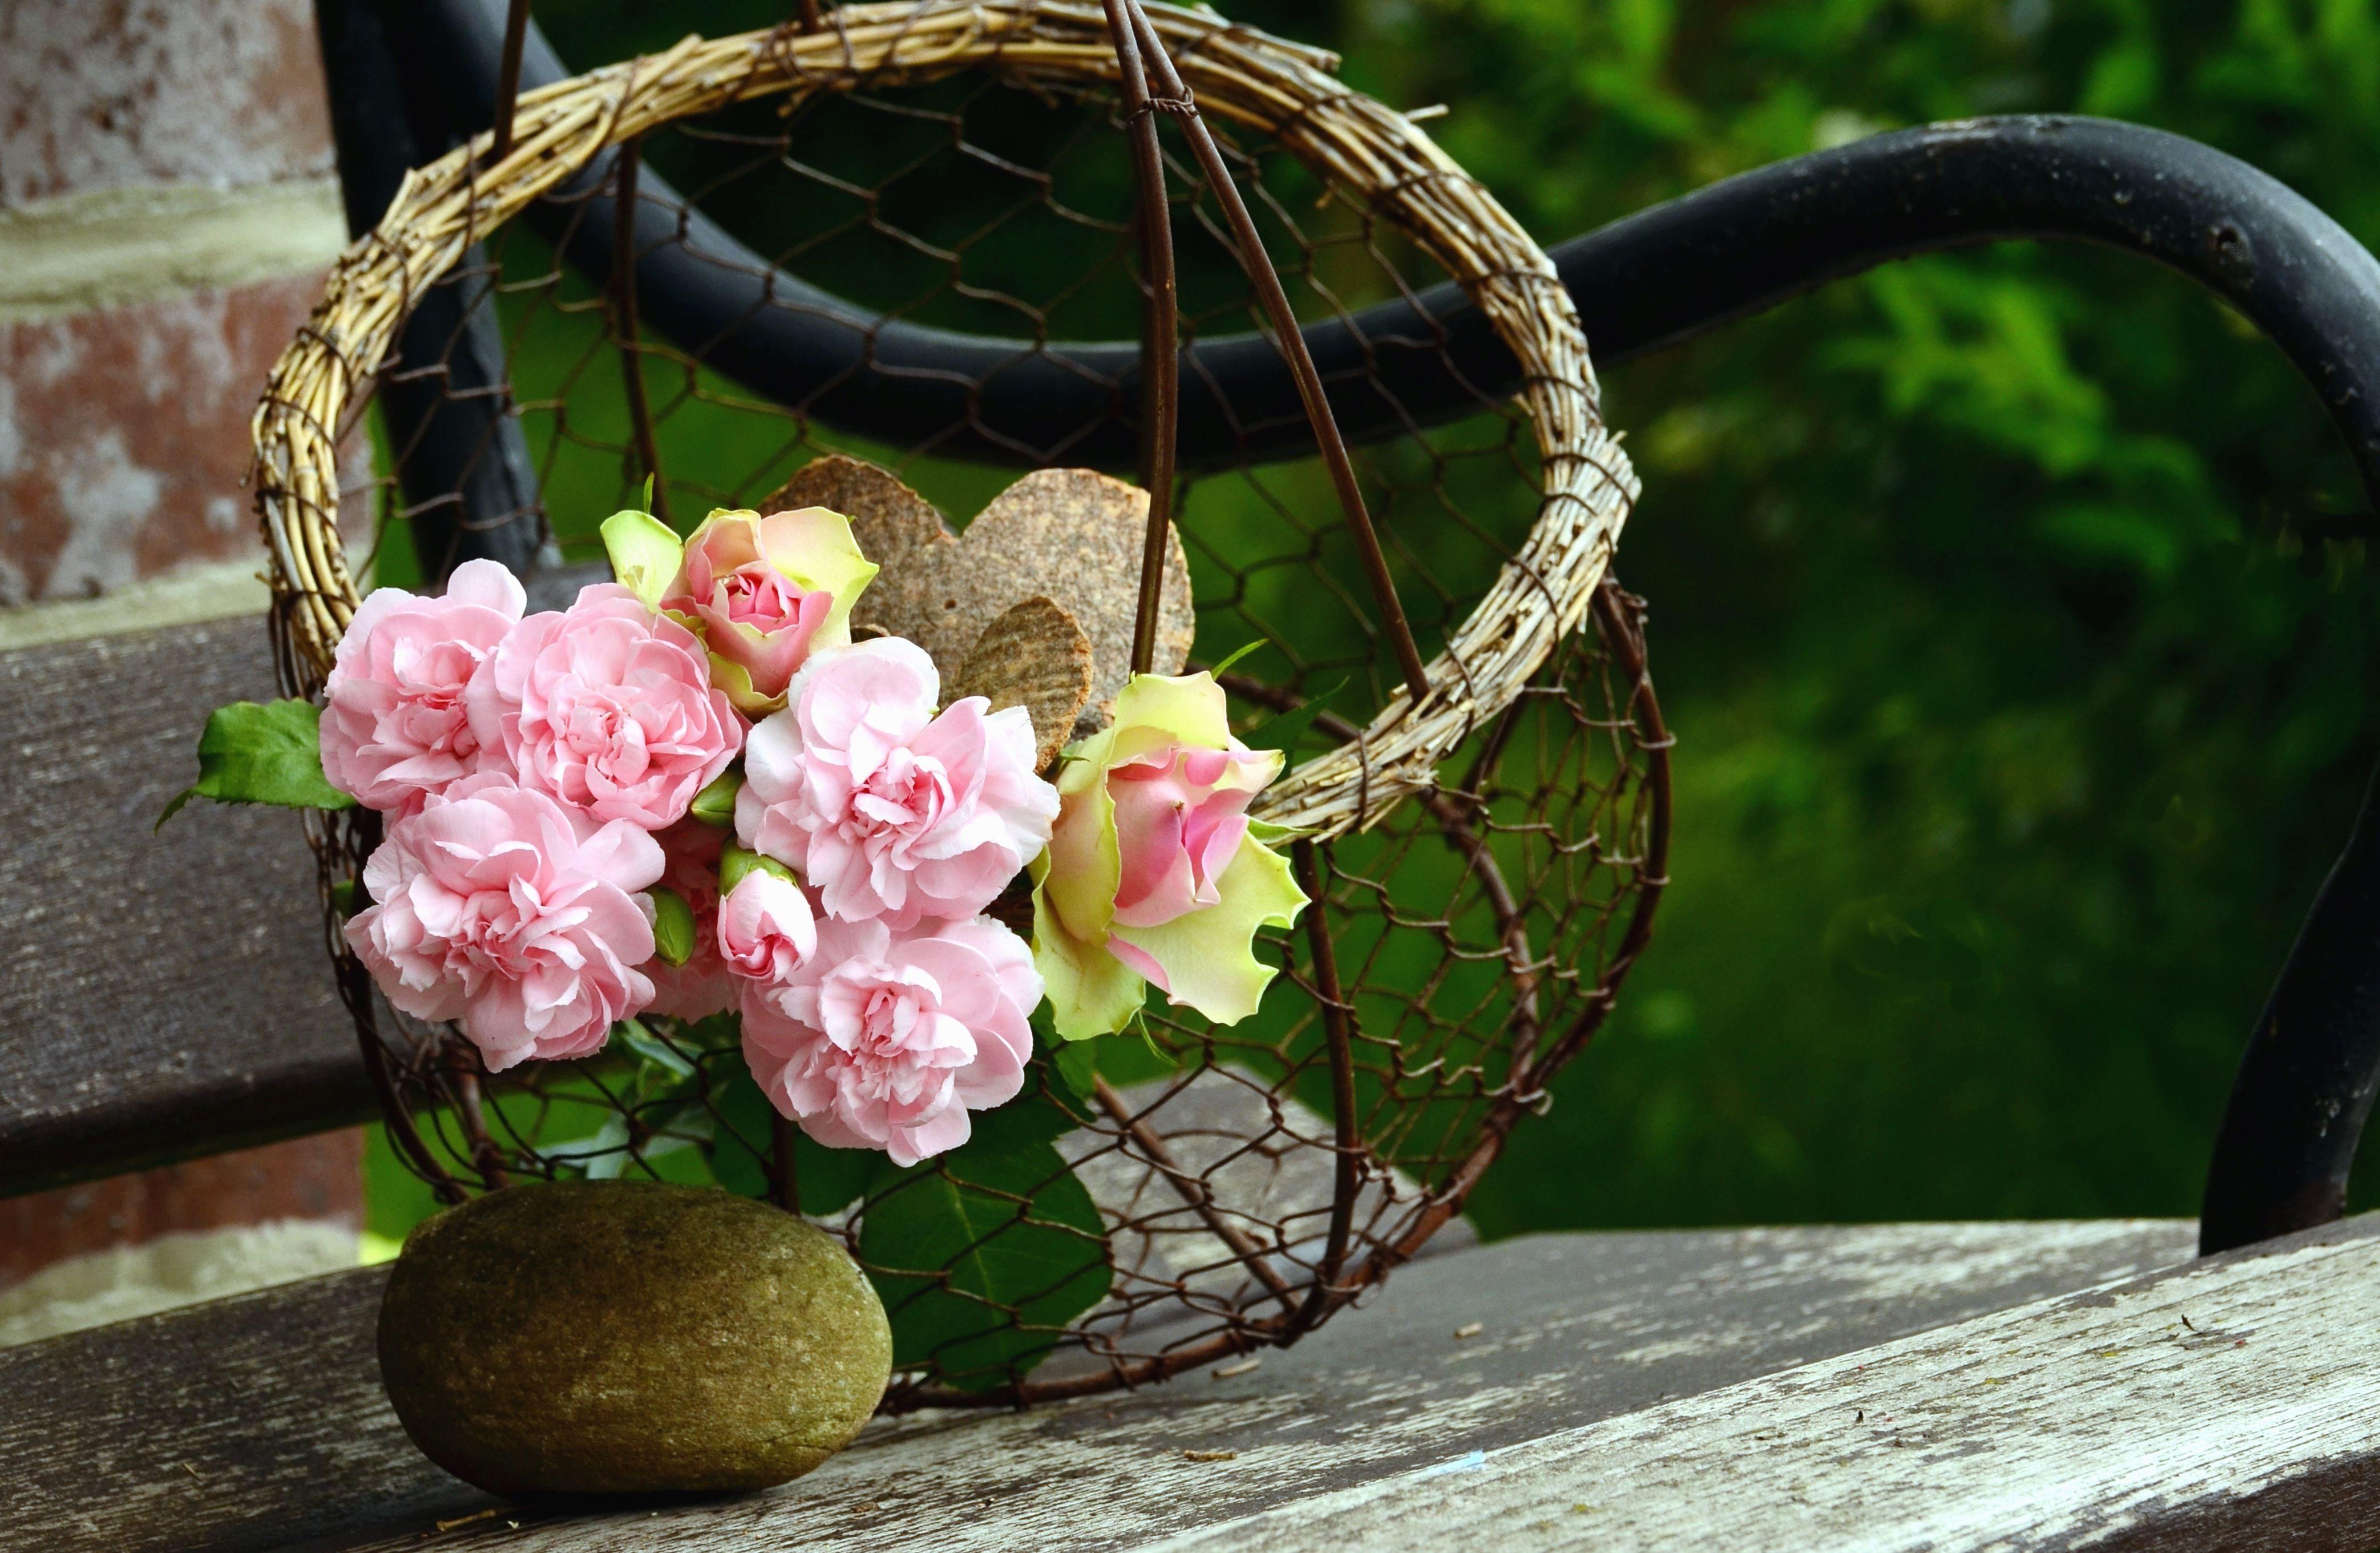 Image Libre Dcoration Bouquet Bois Mtal Fleur Panier